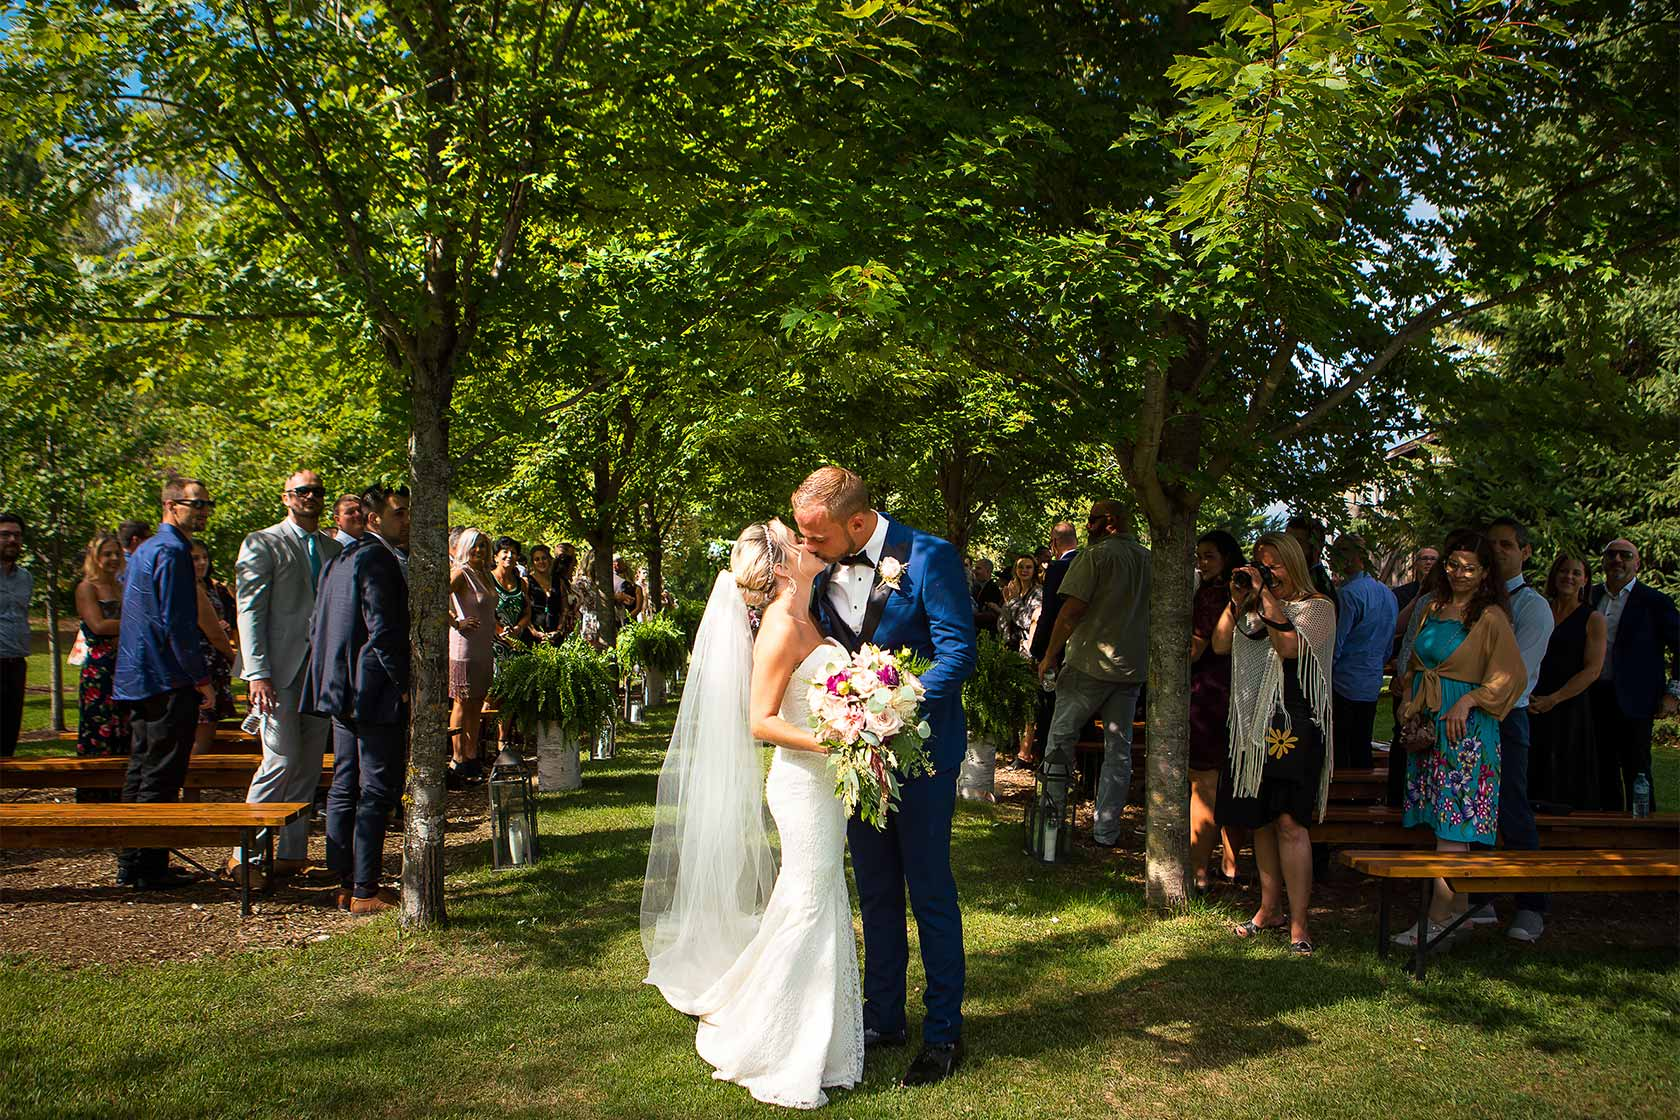 Danylo-Bobyk-Wedding-Photography-Stacey-Kenneth-11